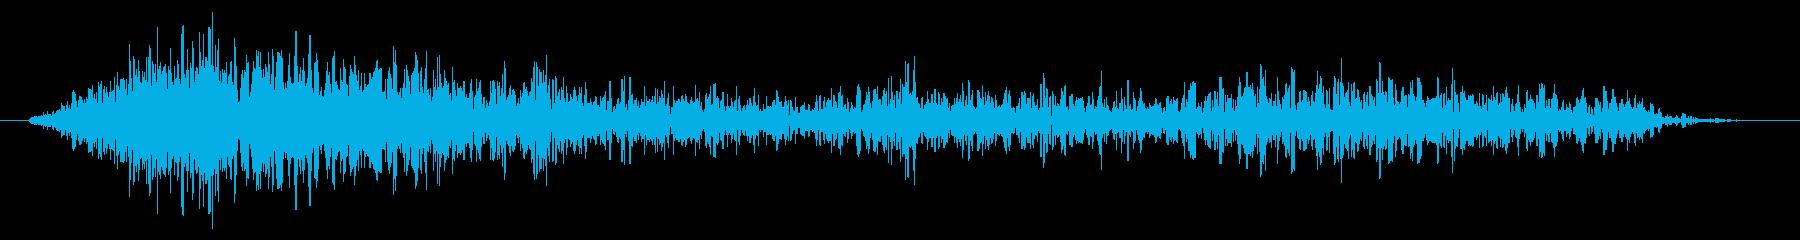 エナジービームスの邪悪な響きが現れるの再生済みの波形